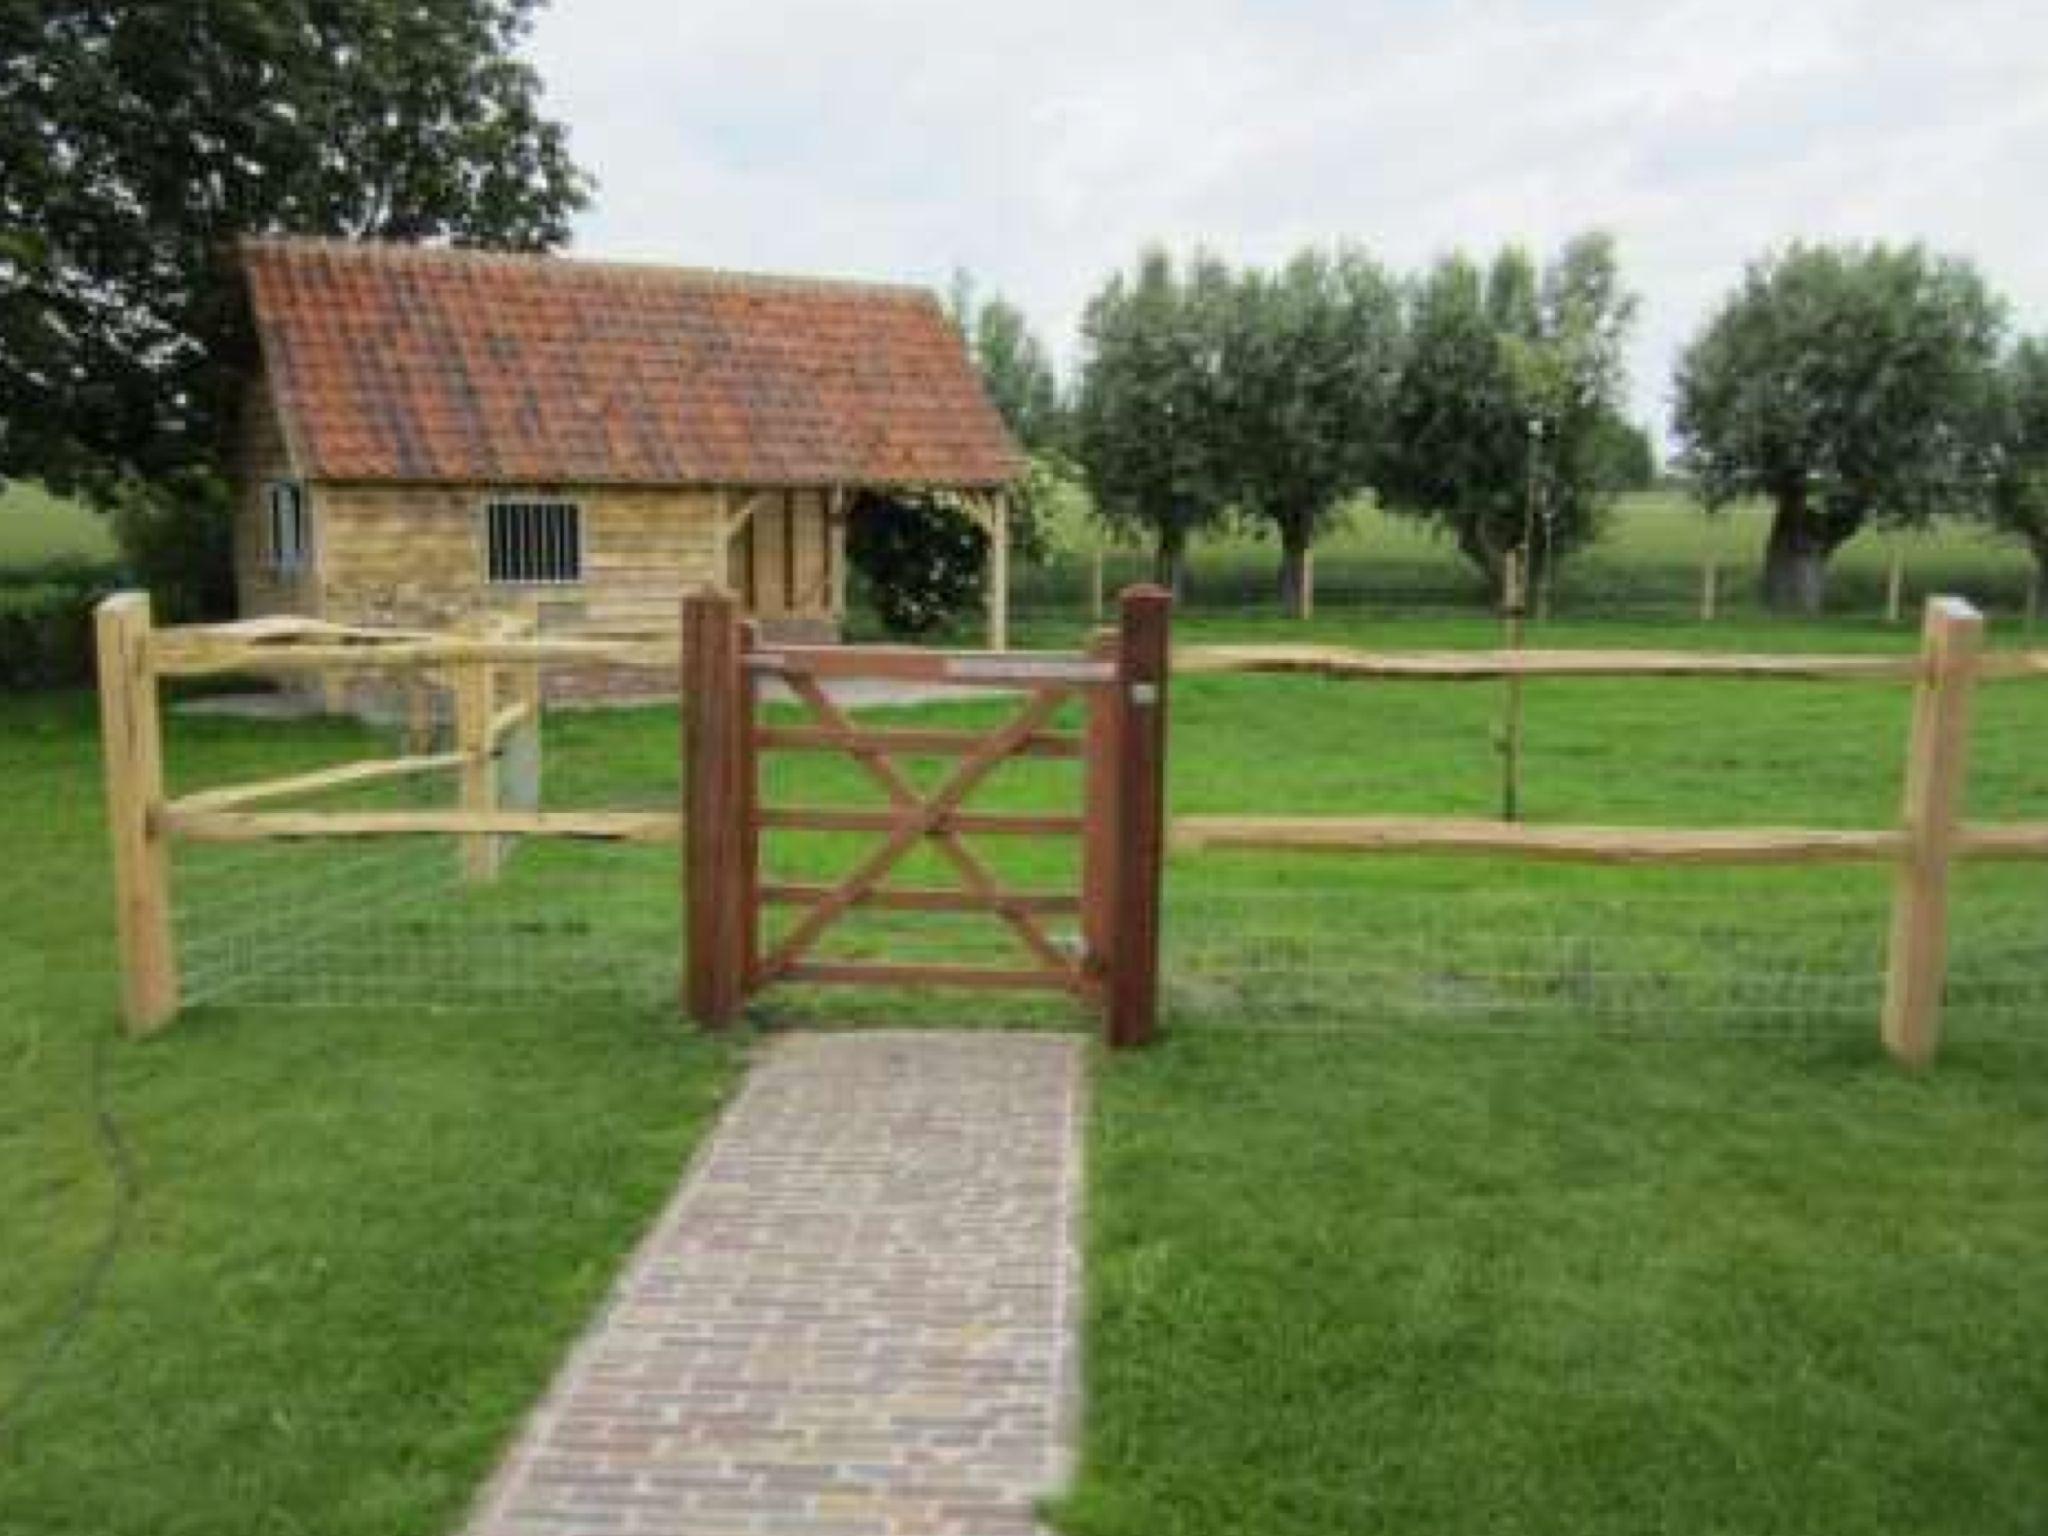 Stal schapenstal bijgebouw pinterest - Moderne buitenkant indeling ...